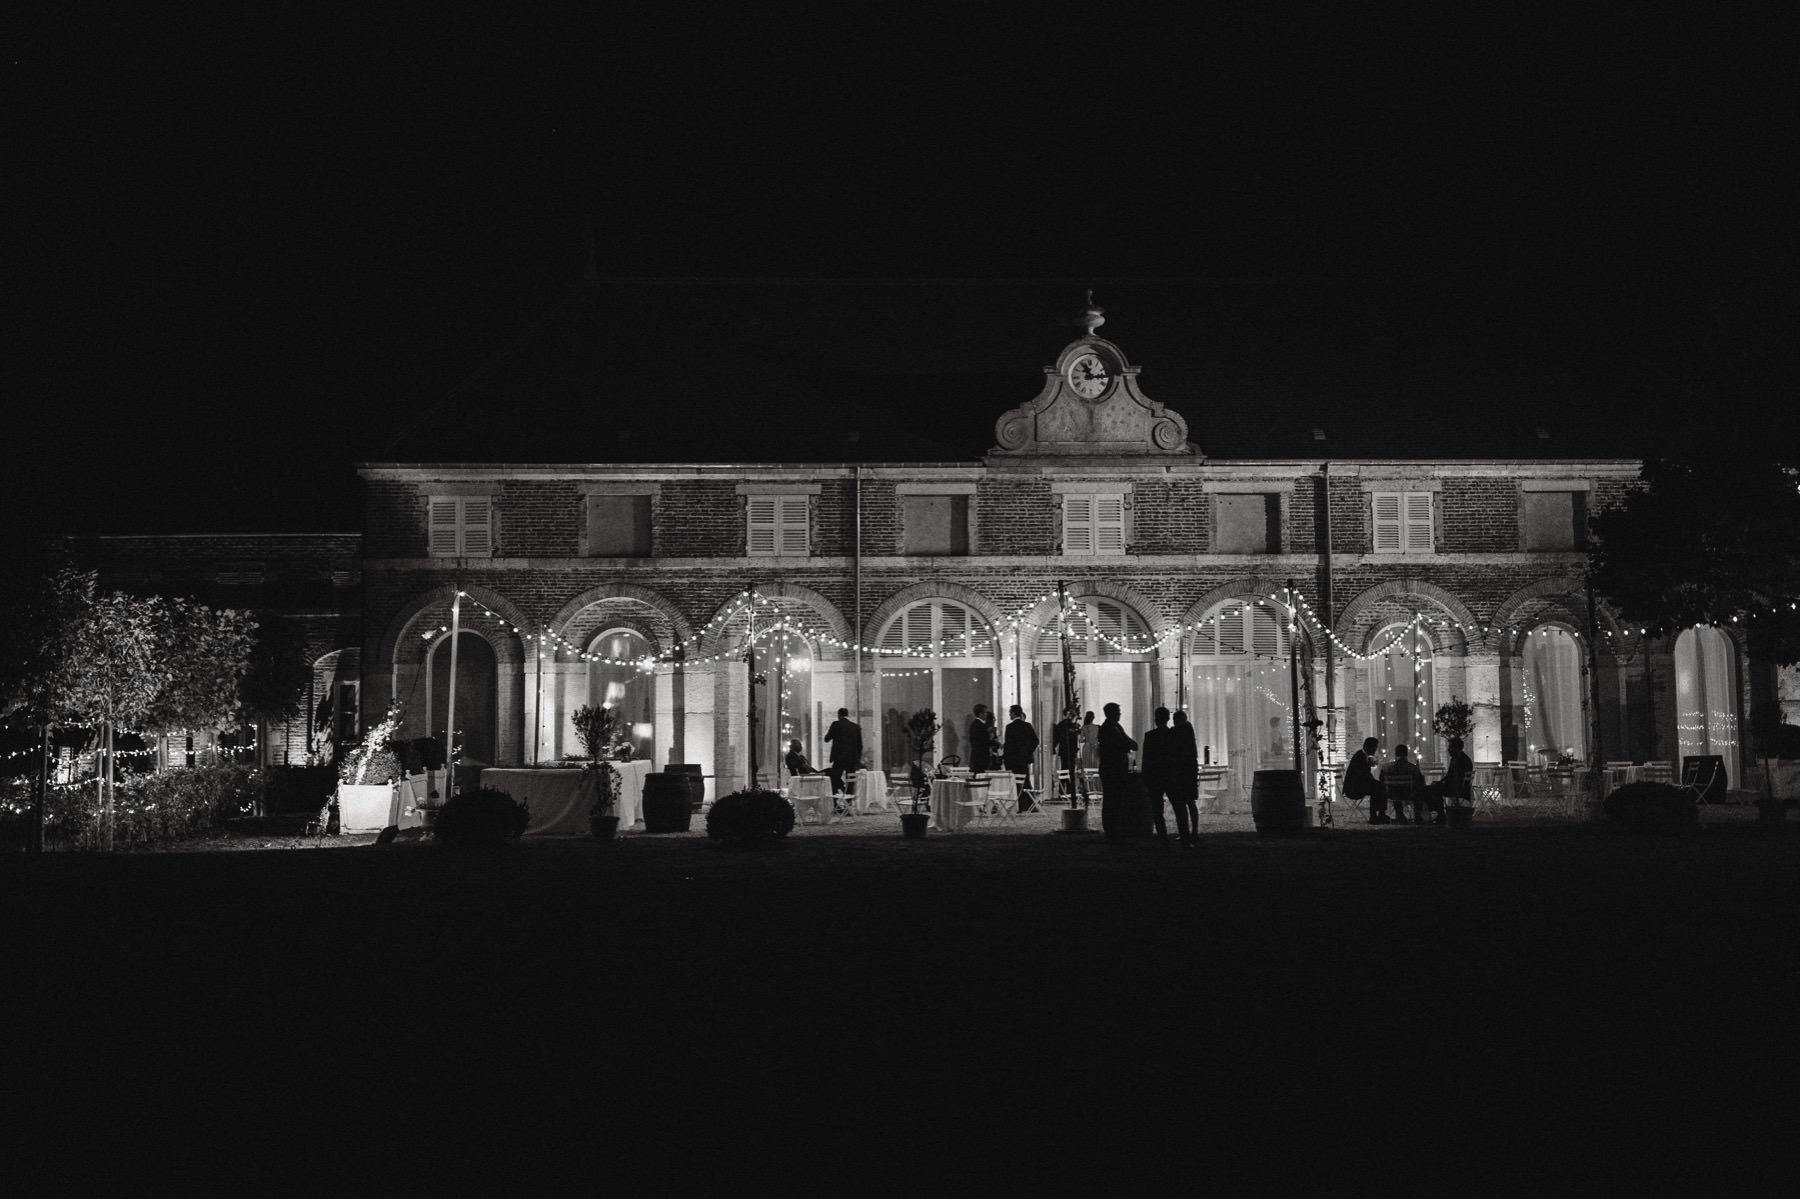 Chateau de Varennes night